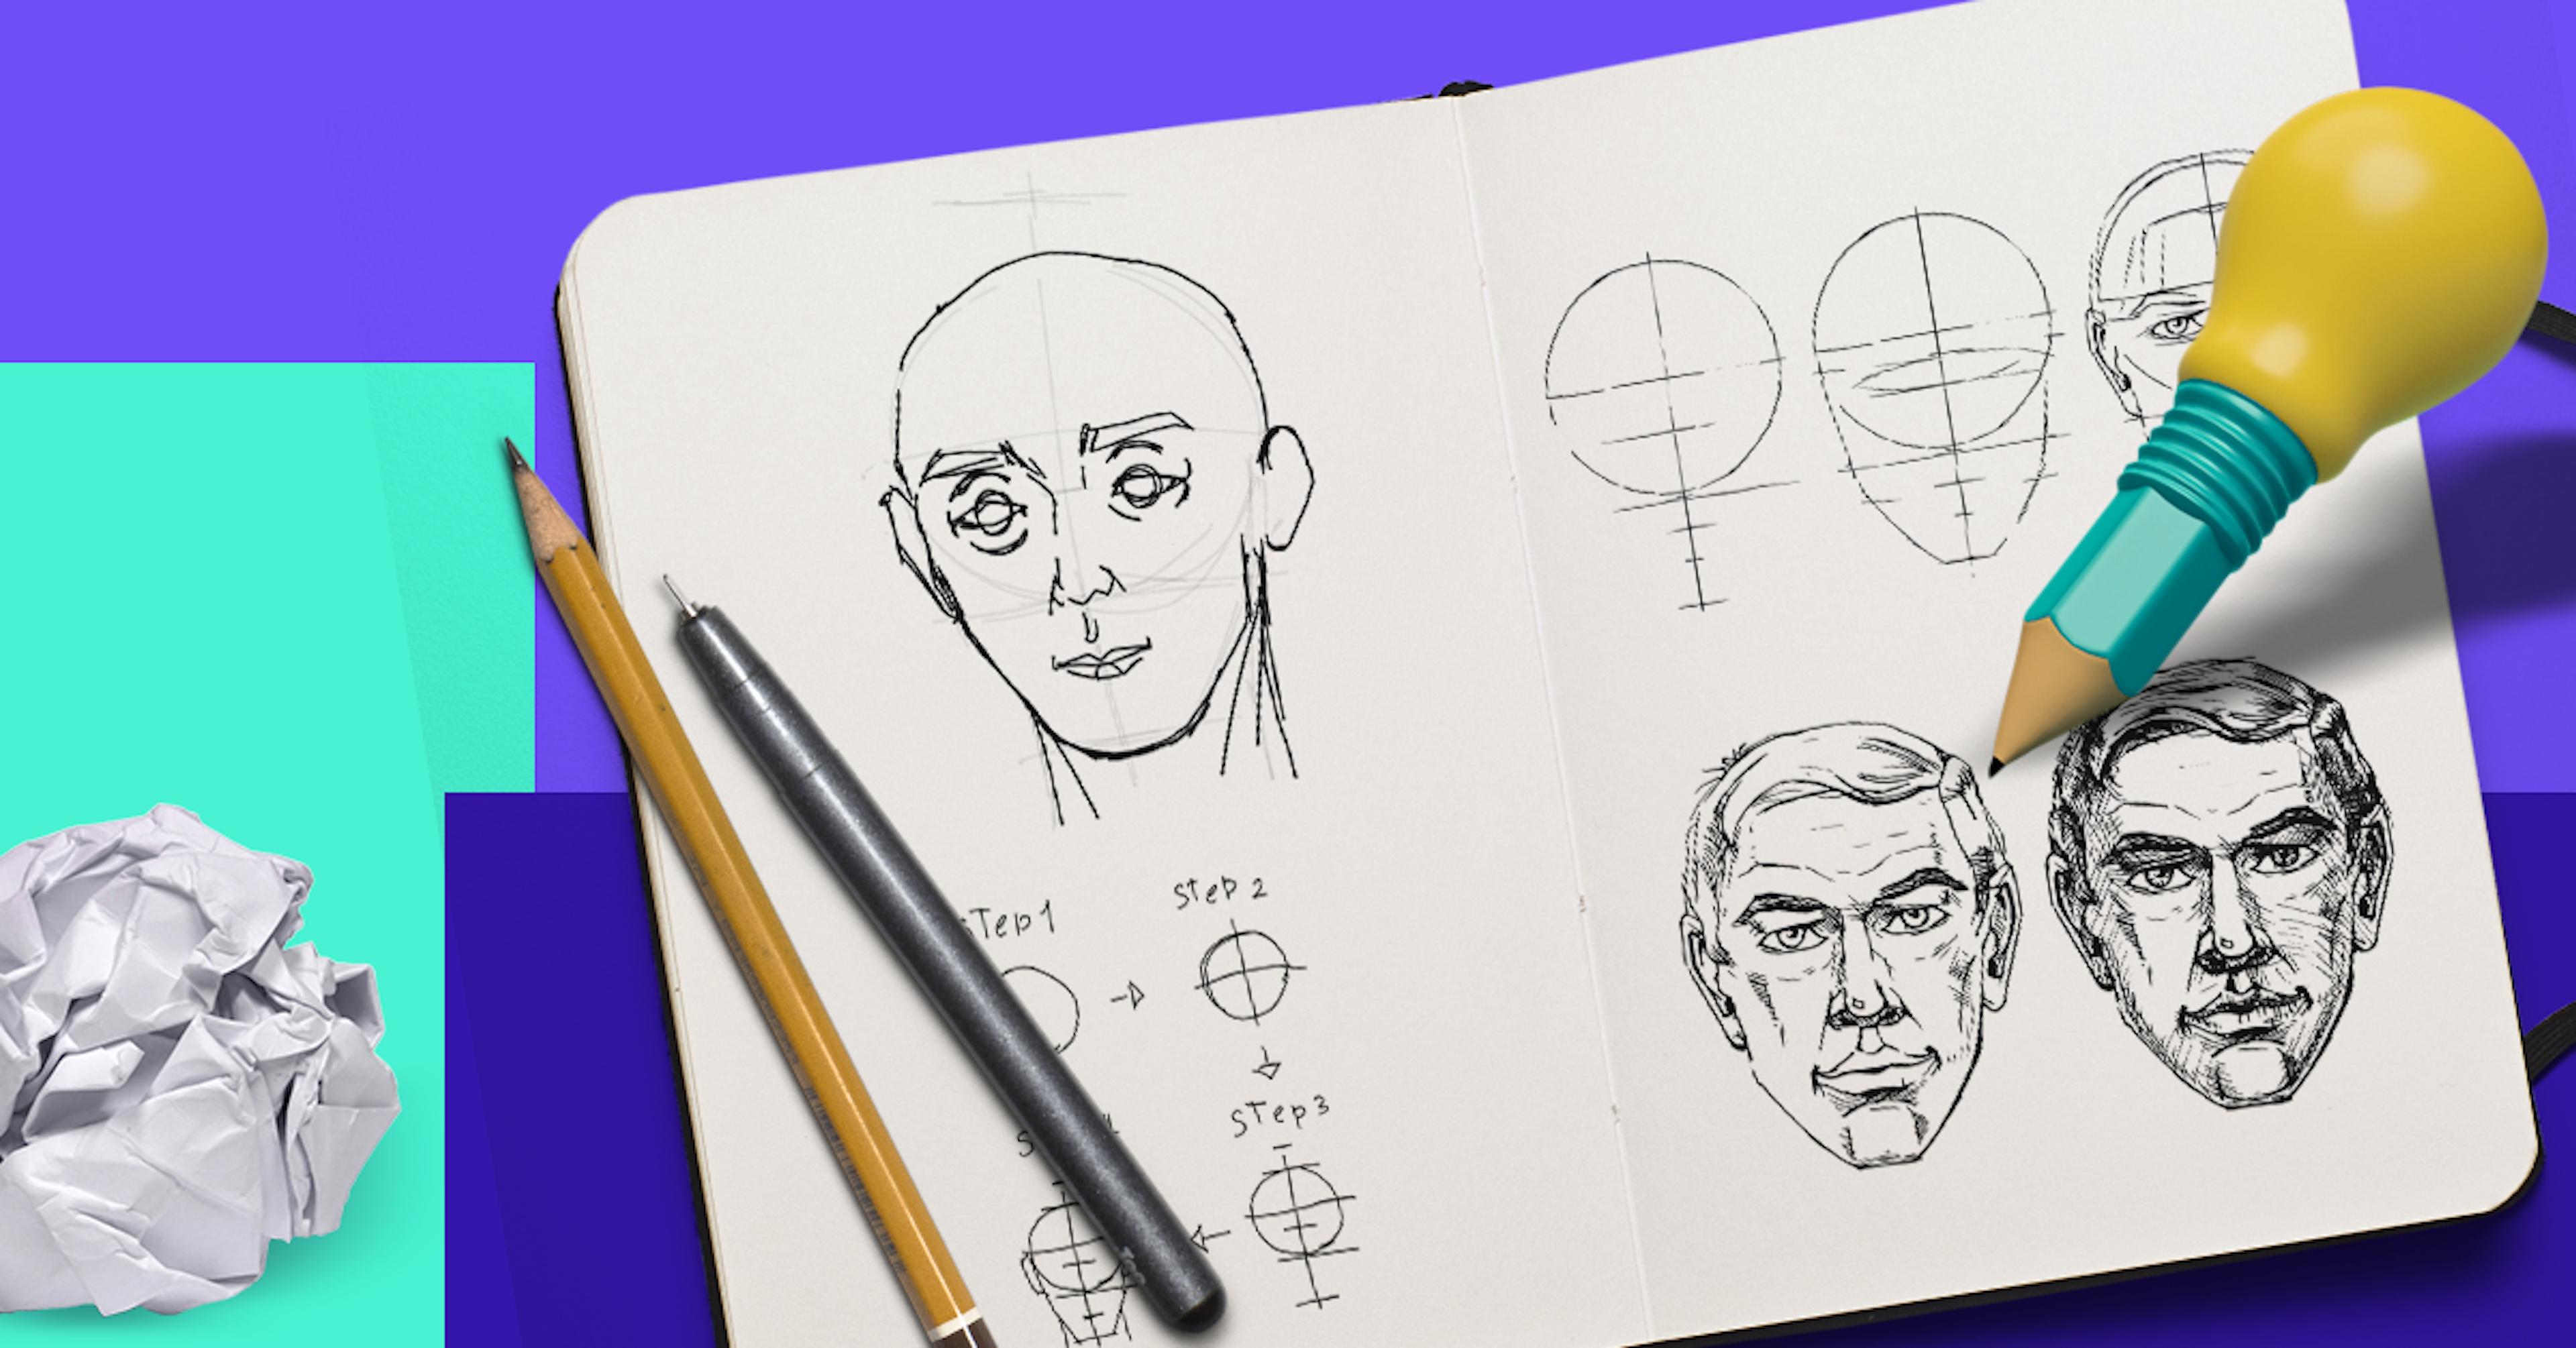 Aprender a dibujar paso a paso: 12 ejercicios para hacer en casa